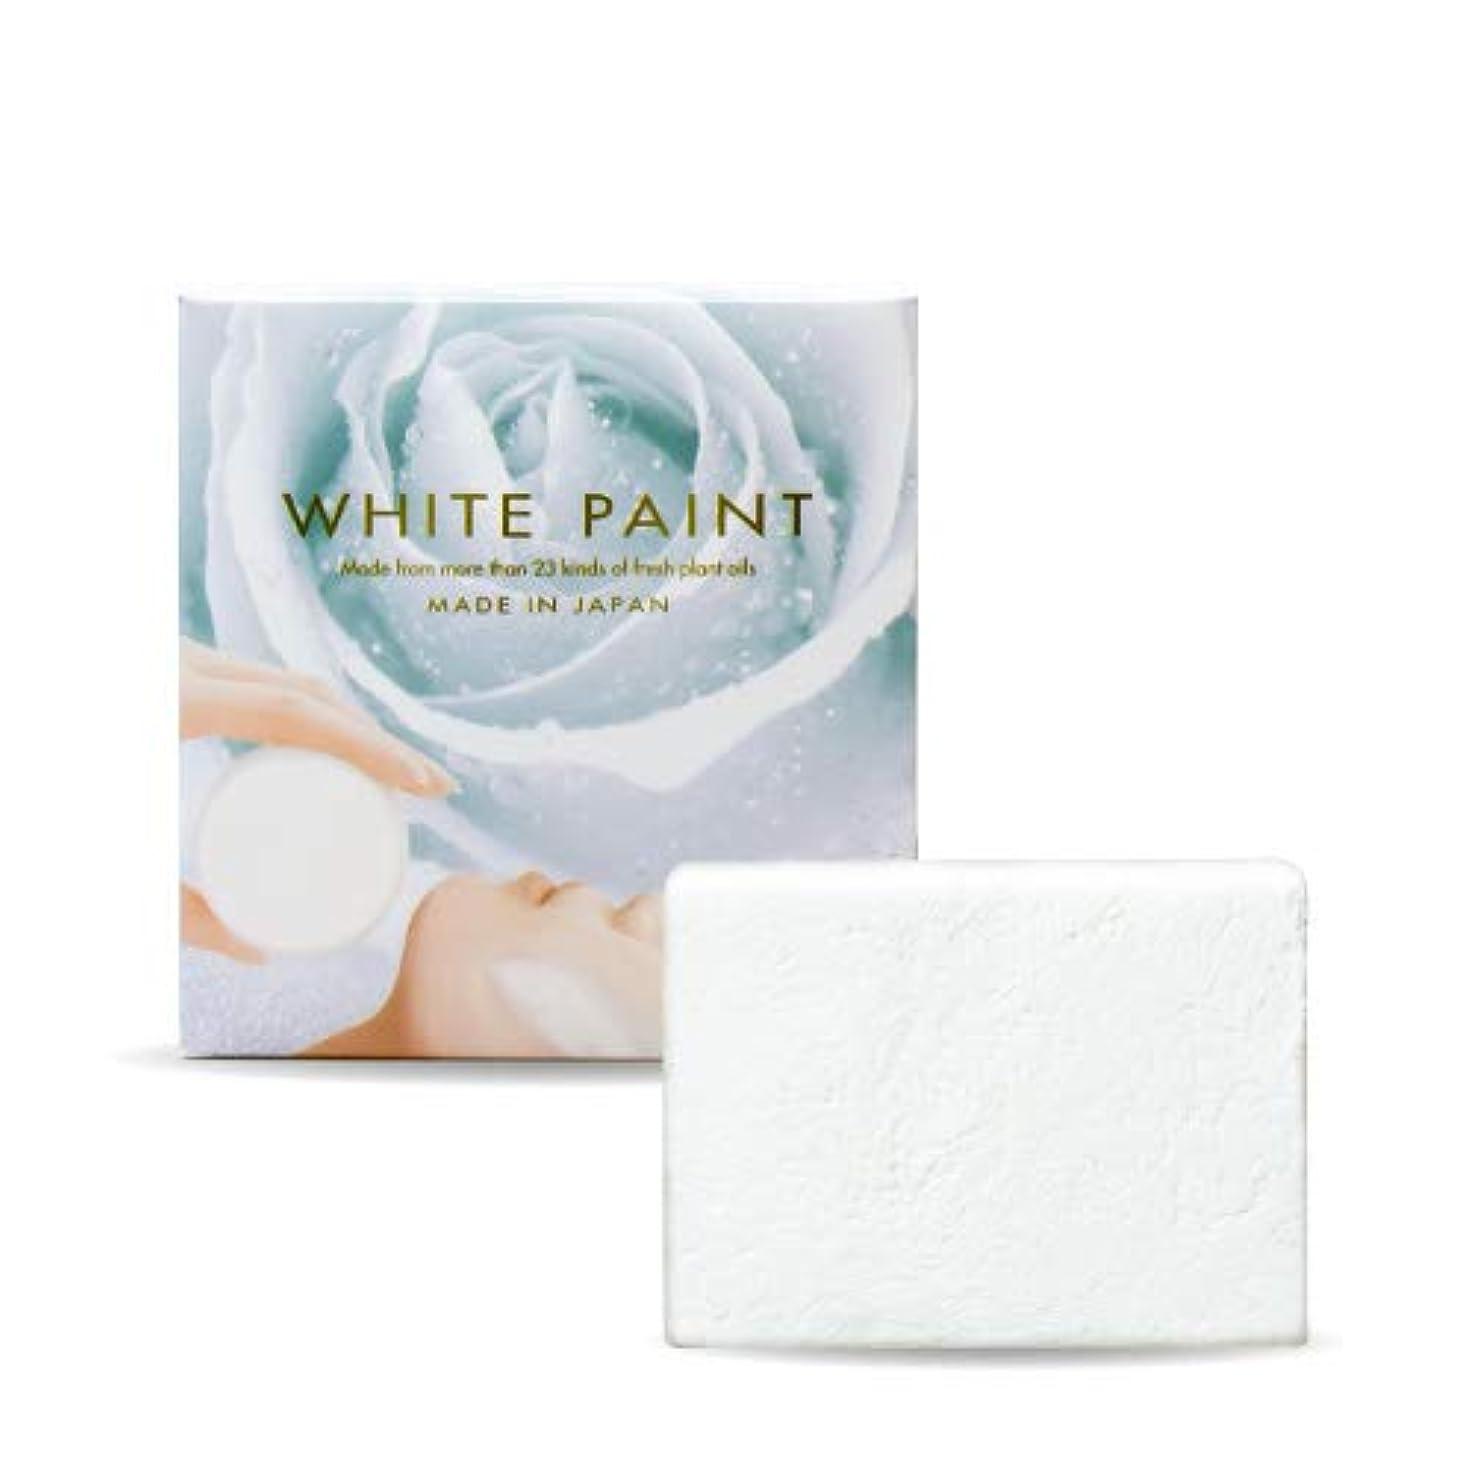 慎重になんでも若者ホワイトペイント 60g ハーフサイズ 塗る洗顔 石鹸 無添加 国産